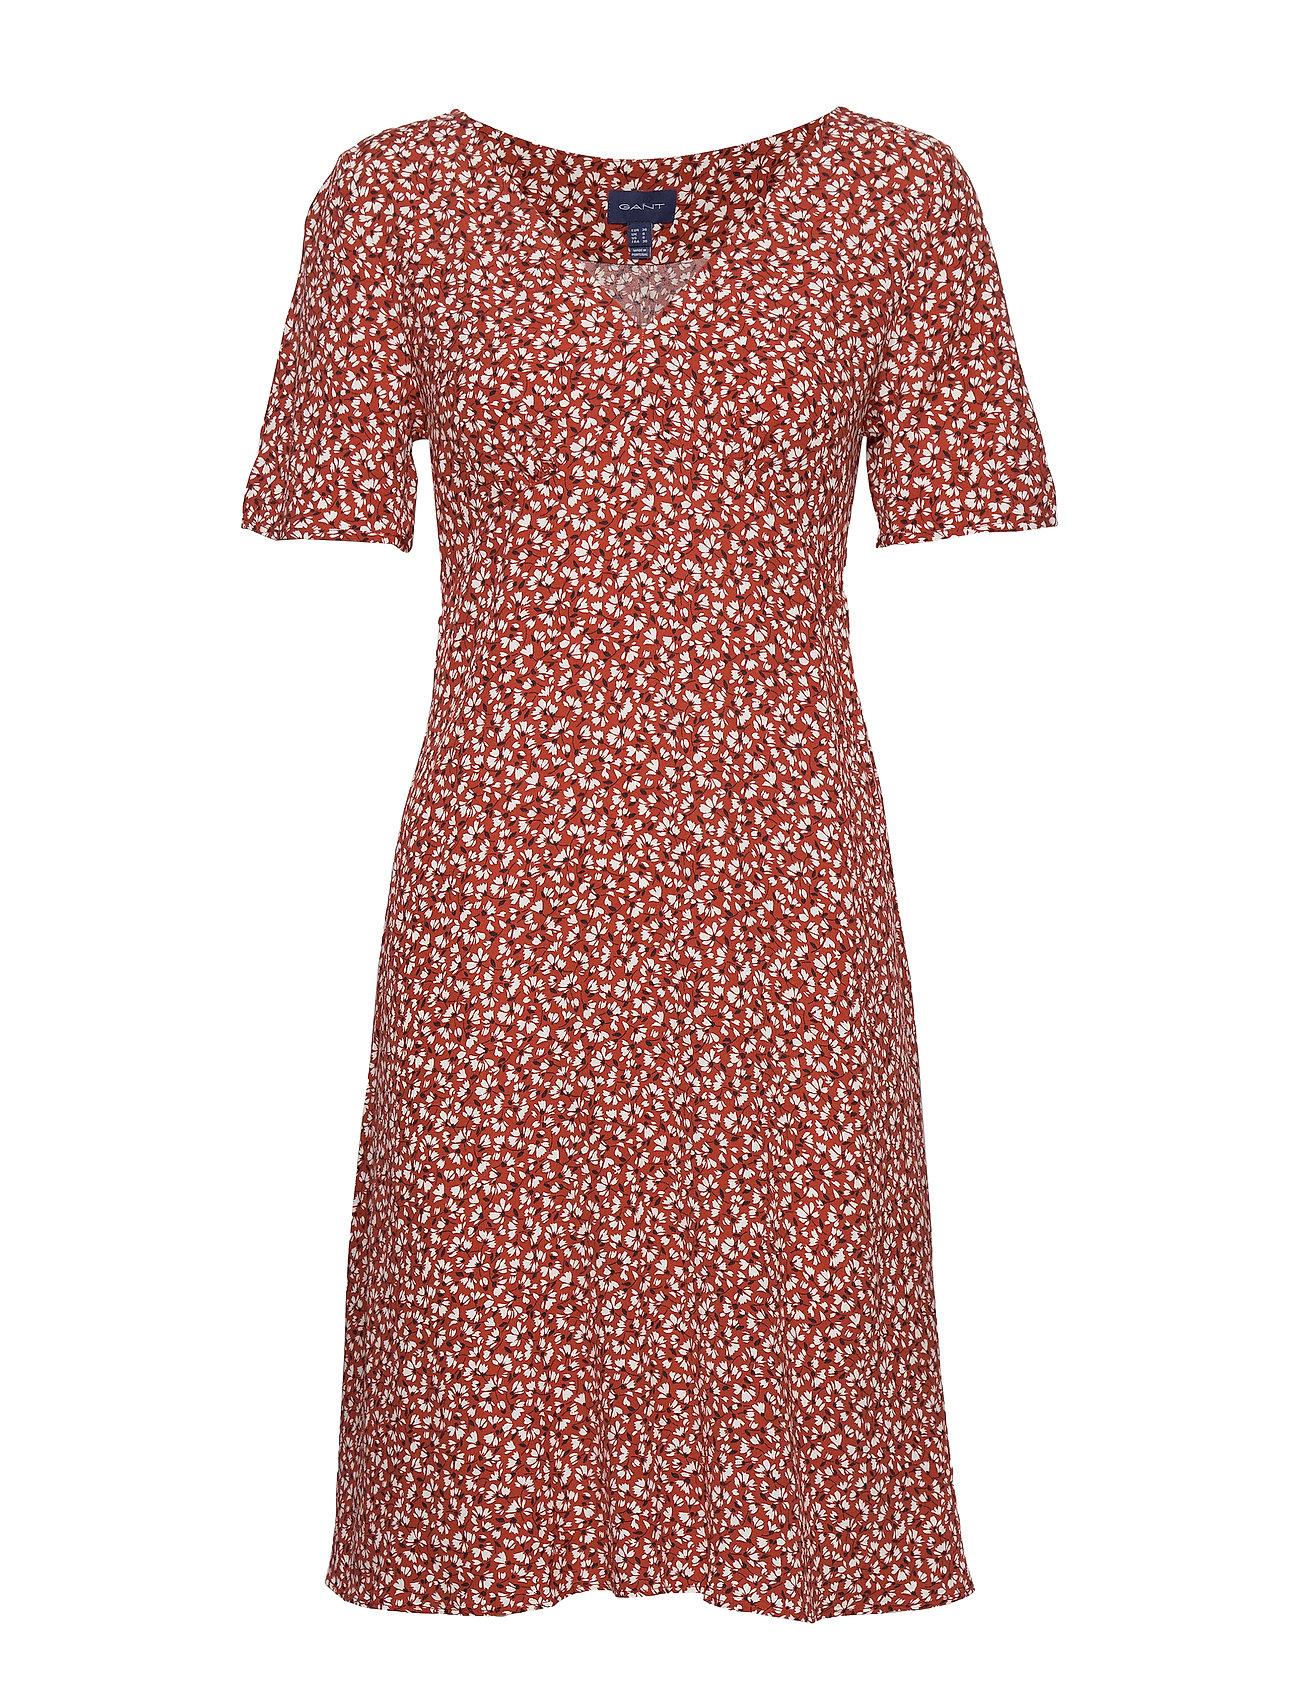 Gant D2. SUMMER FLORAL DRESS - IRON RED